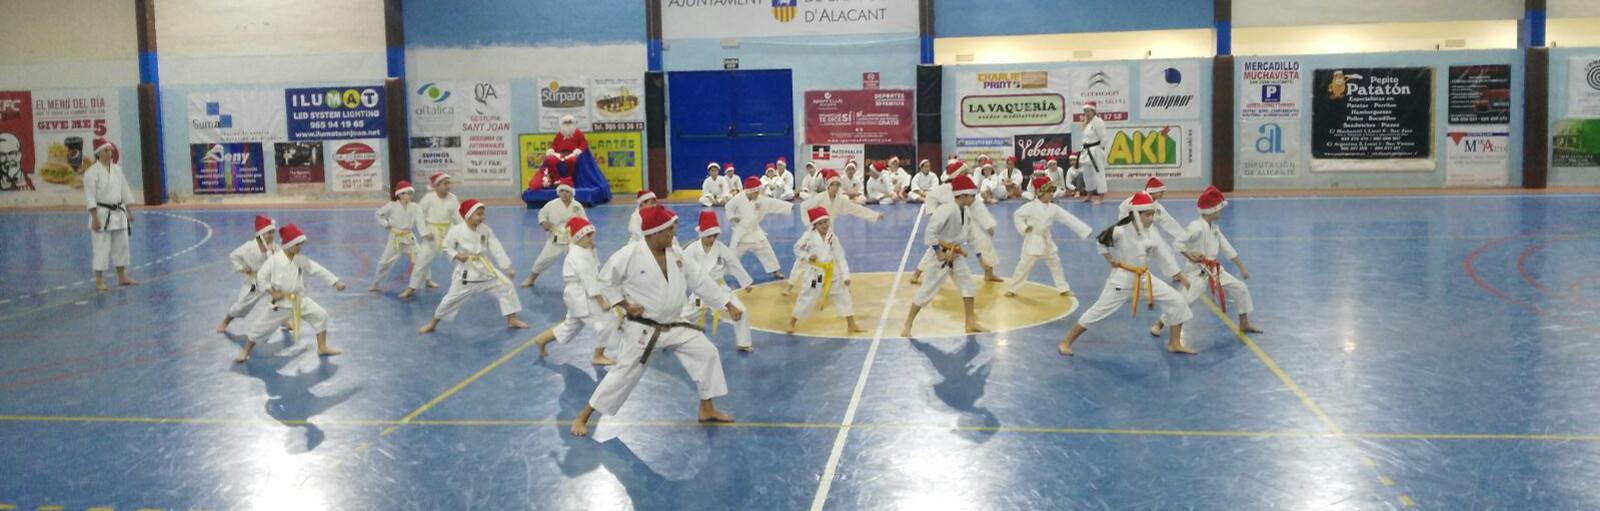 Exhibición karate navidad 2016